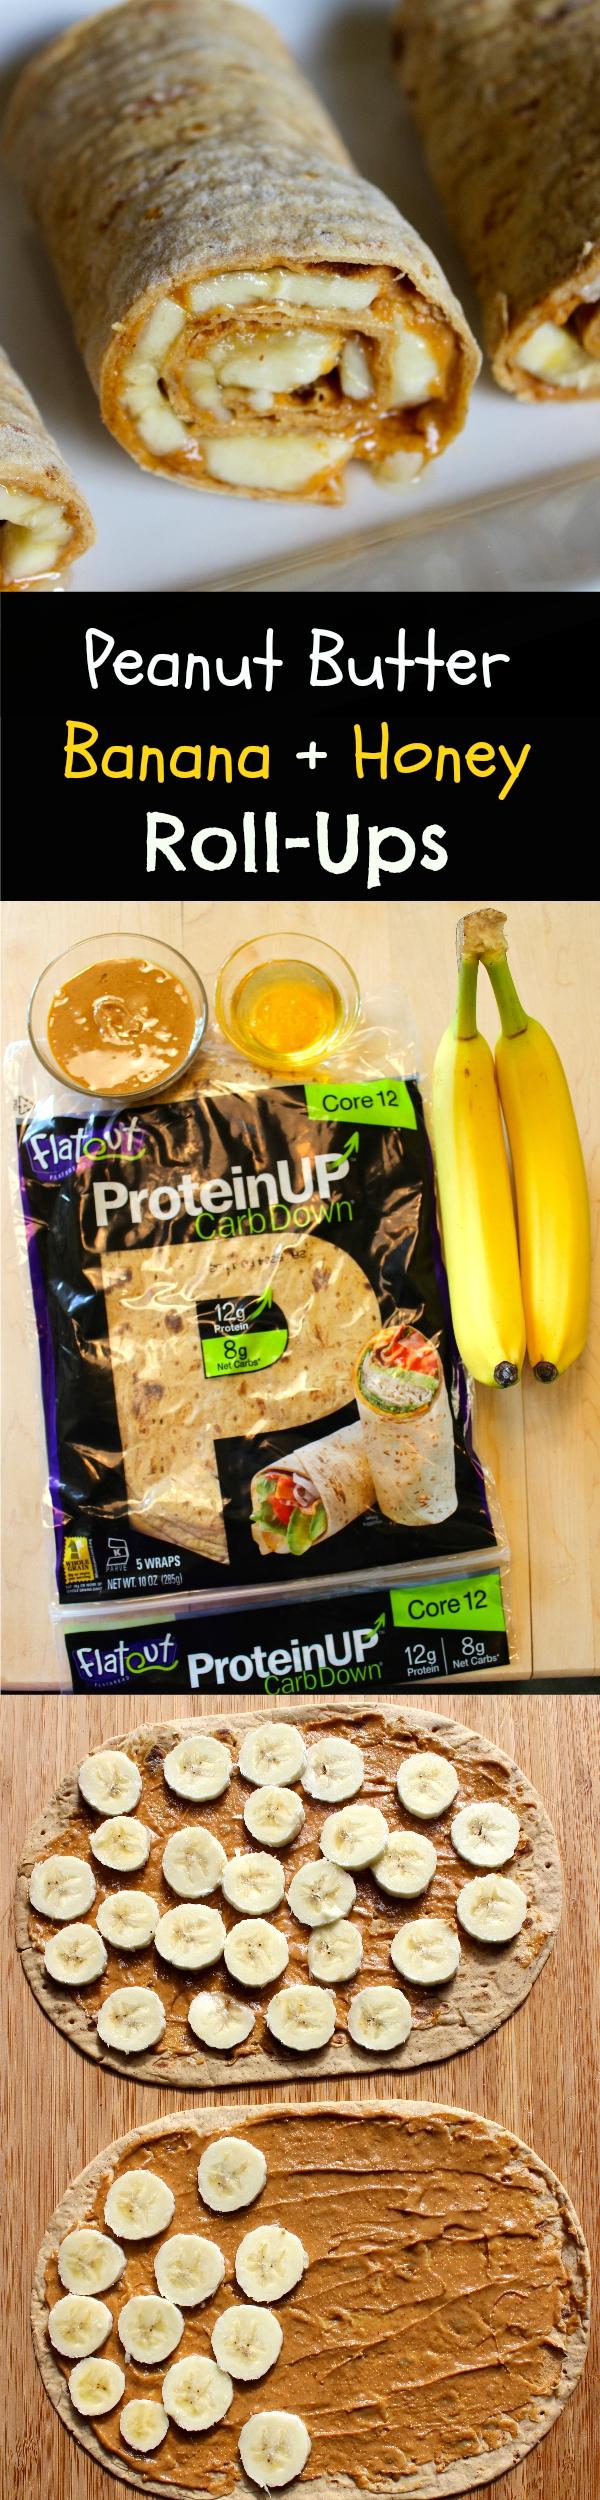 Peanut-Butter-Banana-Honey-Roll-Ups.jpg